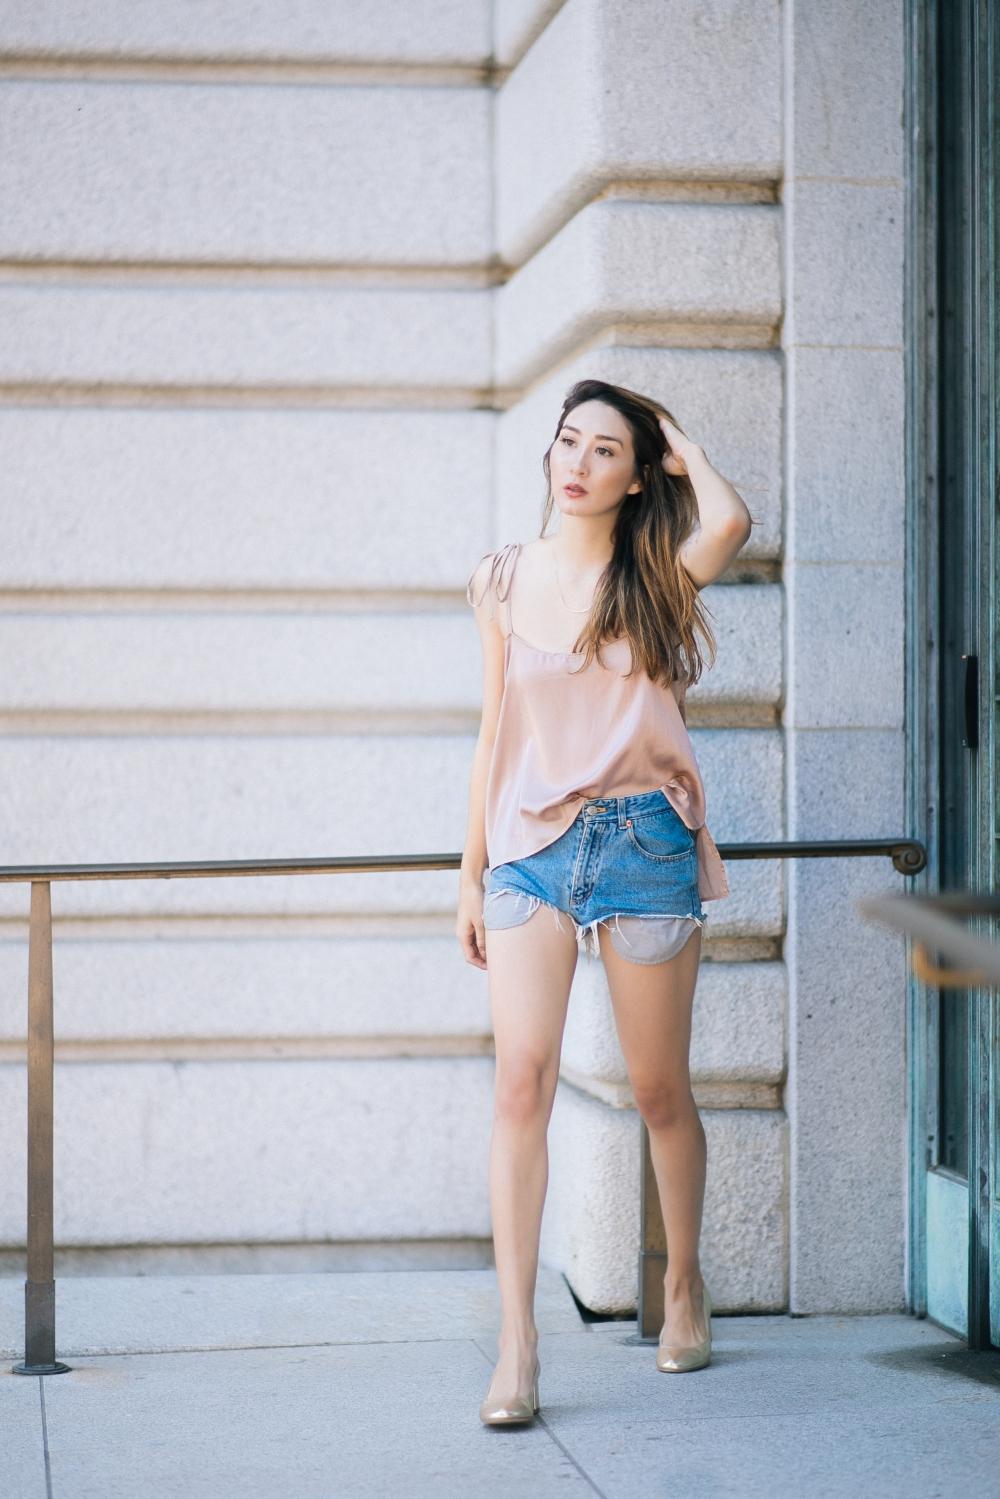 heat-wave-kate-blouse-alyssa-nicole-4